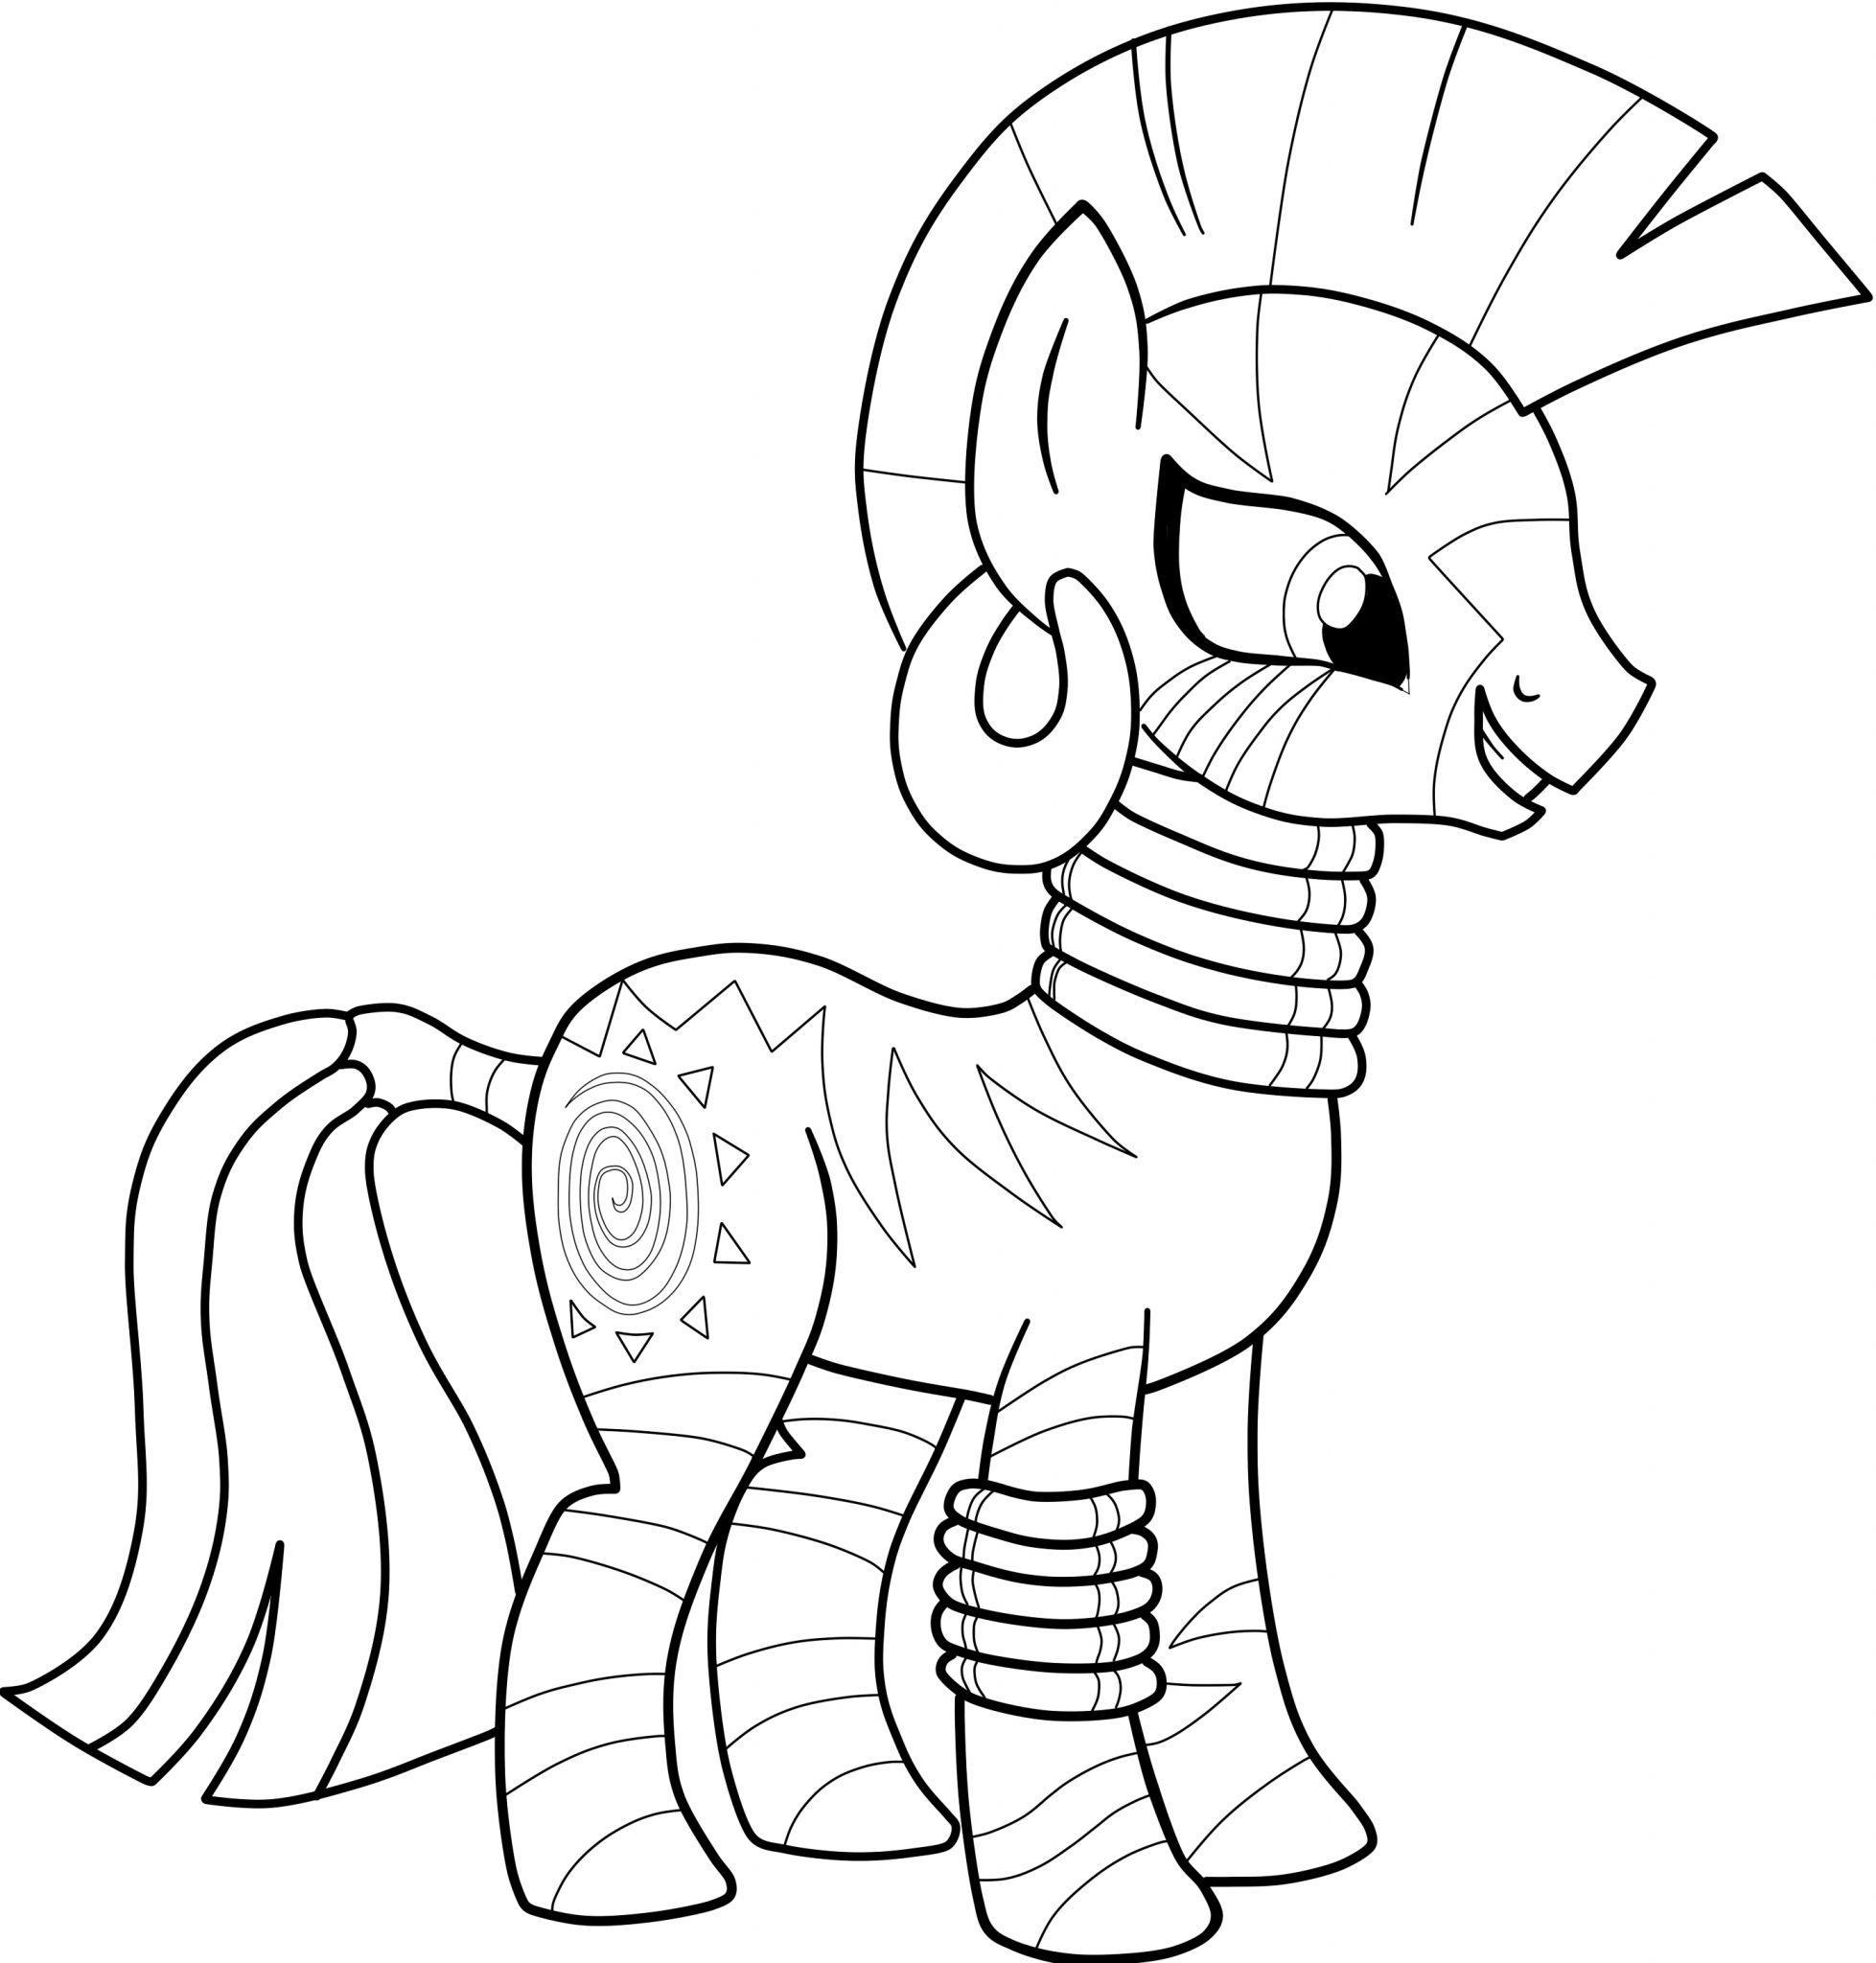 Раскраски май литл пони для девочек бесплатно распечатать и скачать